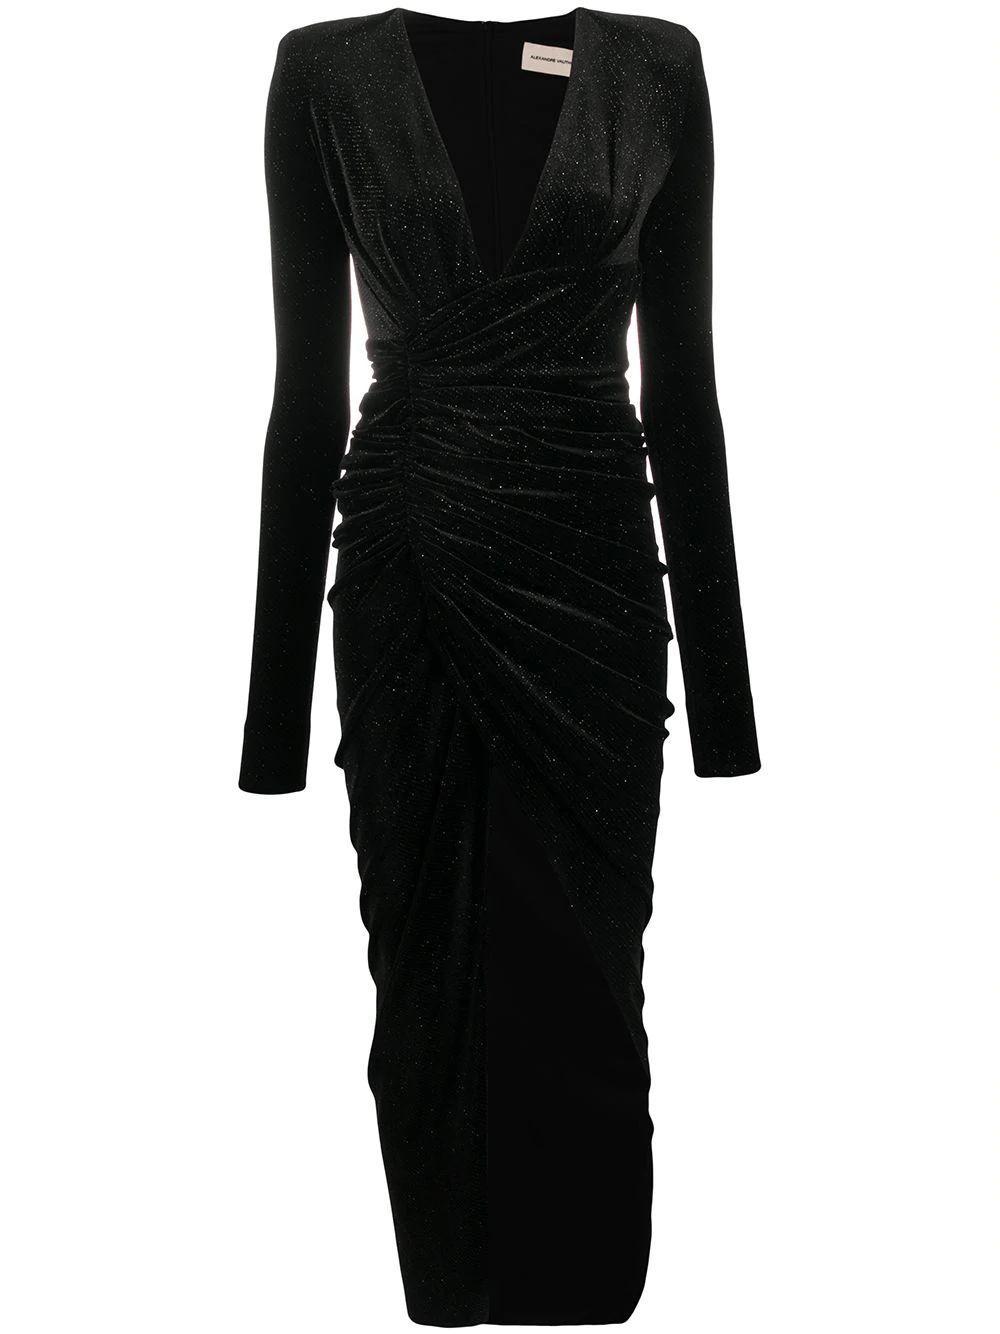 Sparkling Velvet Gown Item # 203DR1108